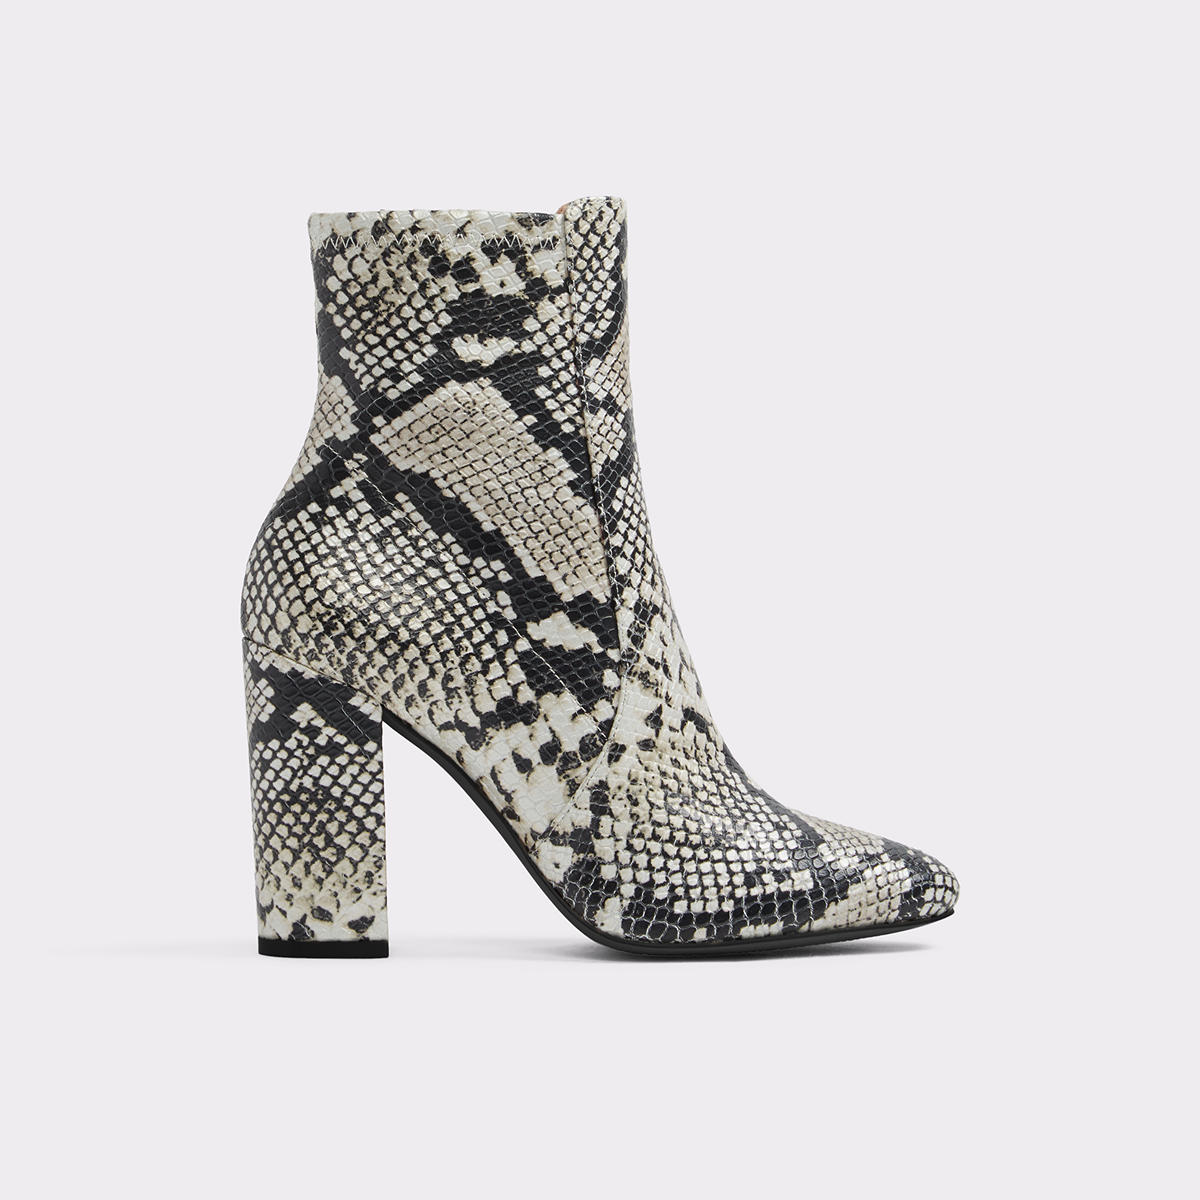 Aurella Natural Print Women's Dress boots | Aldoshoes.com US